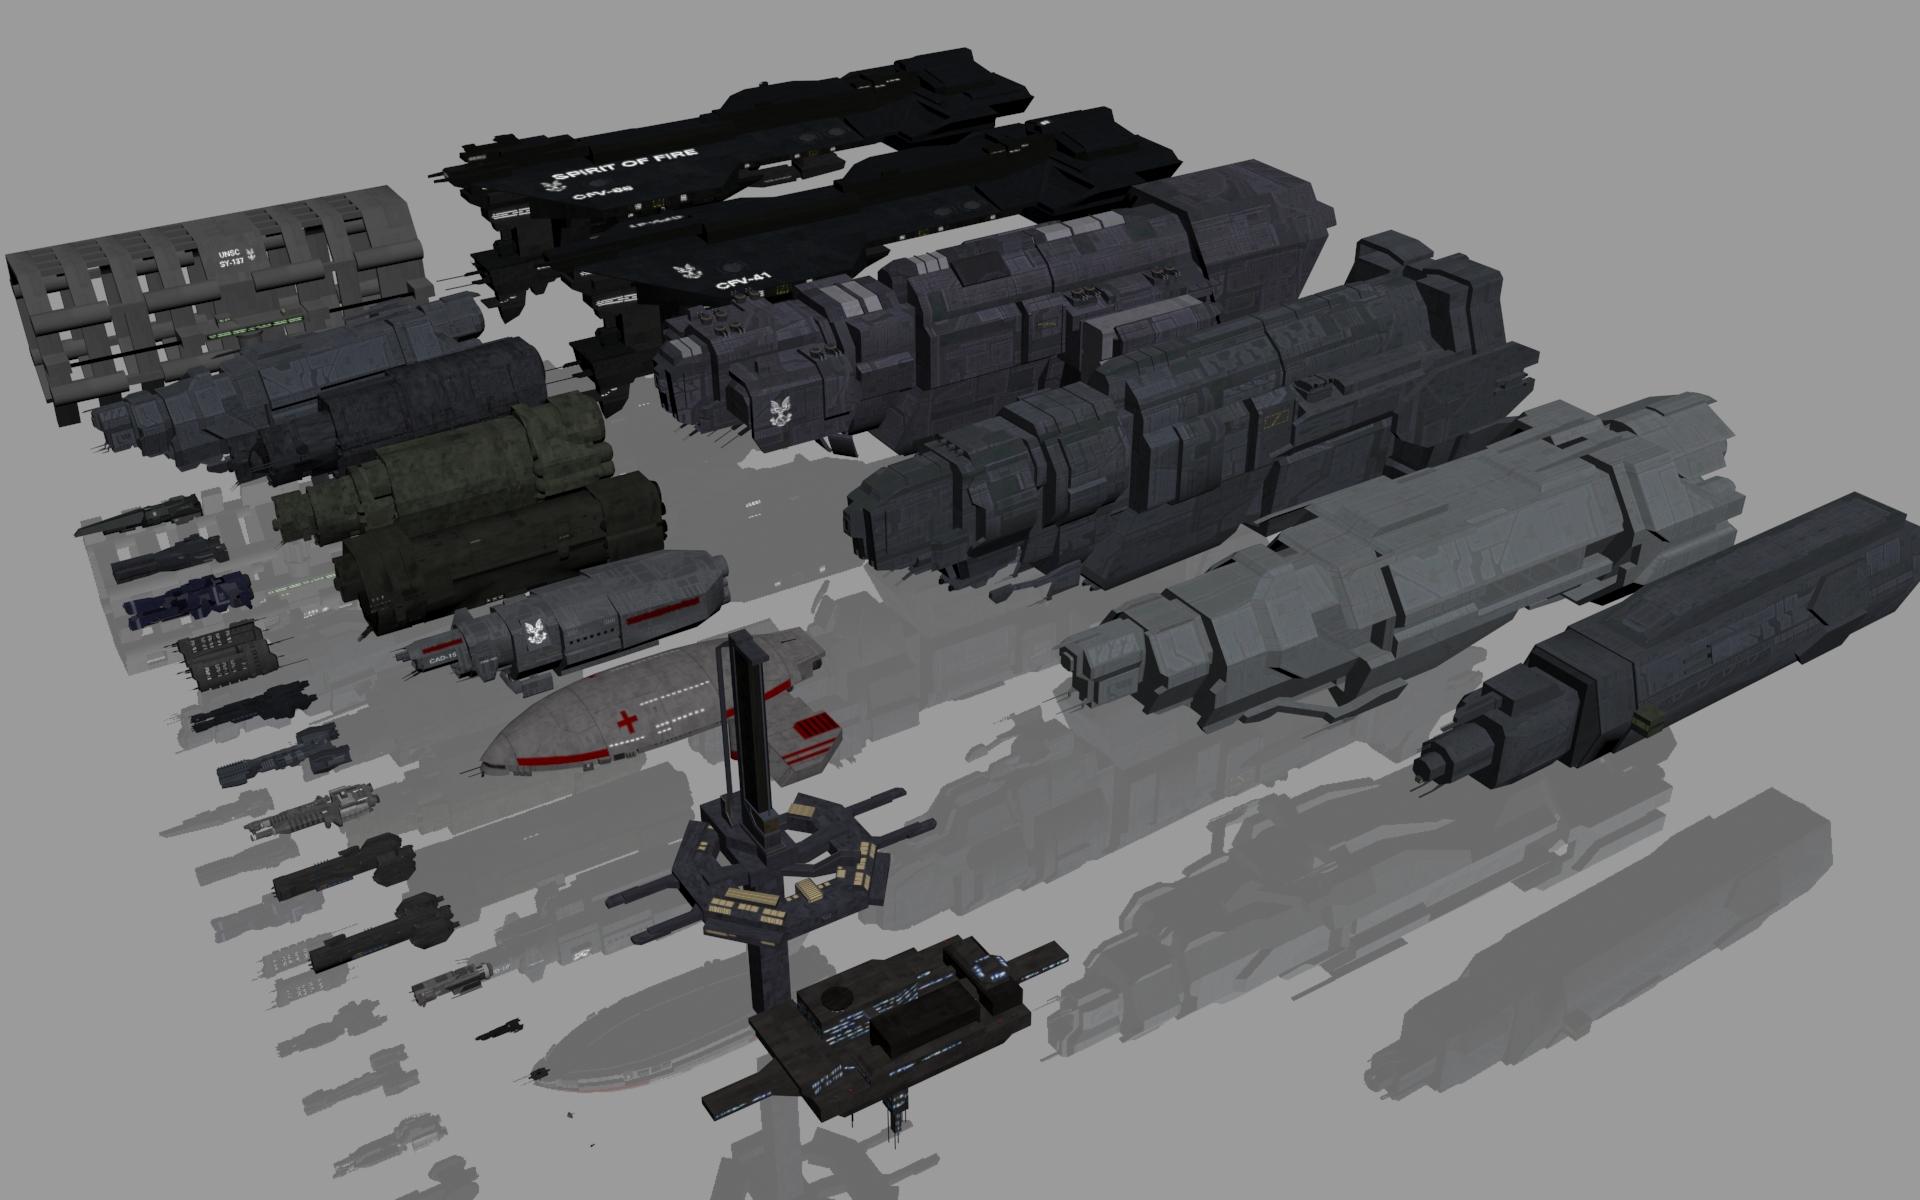 Unsc Ships By Chakotay02 On Deviantart